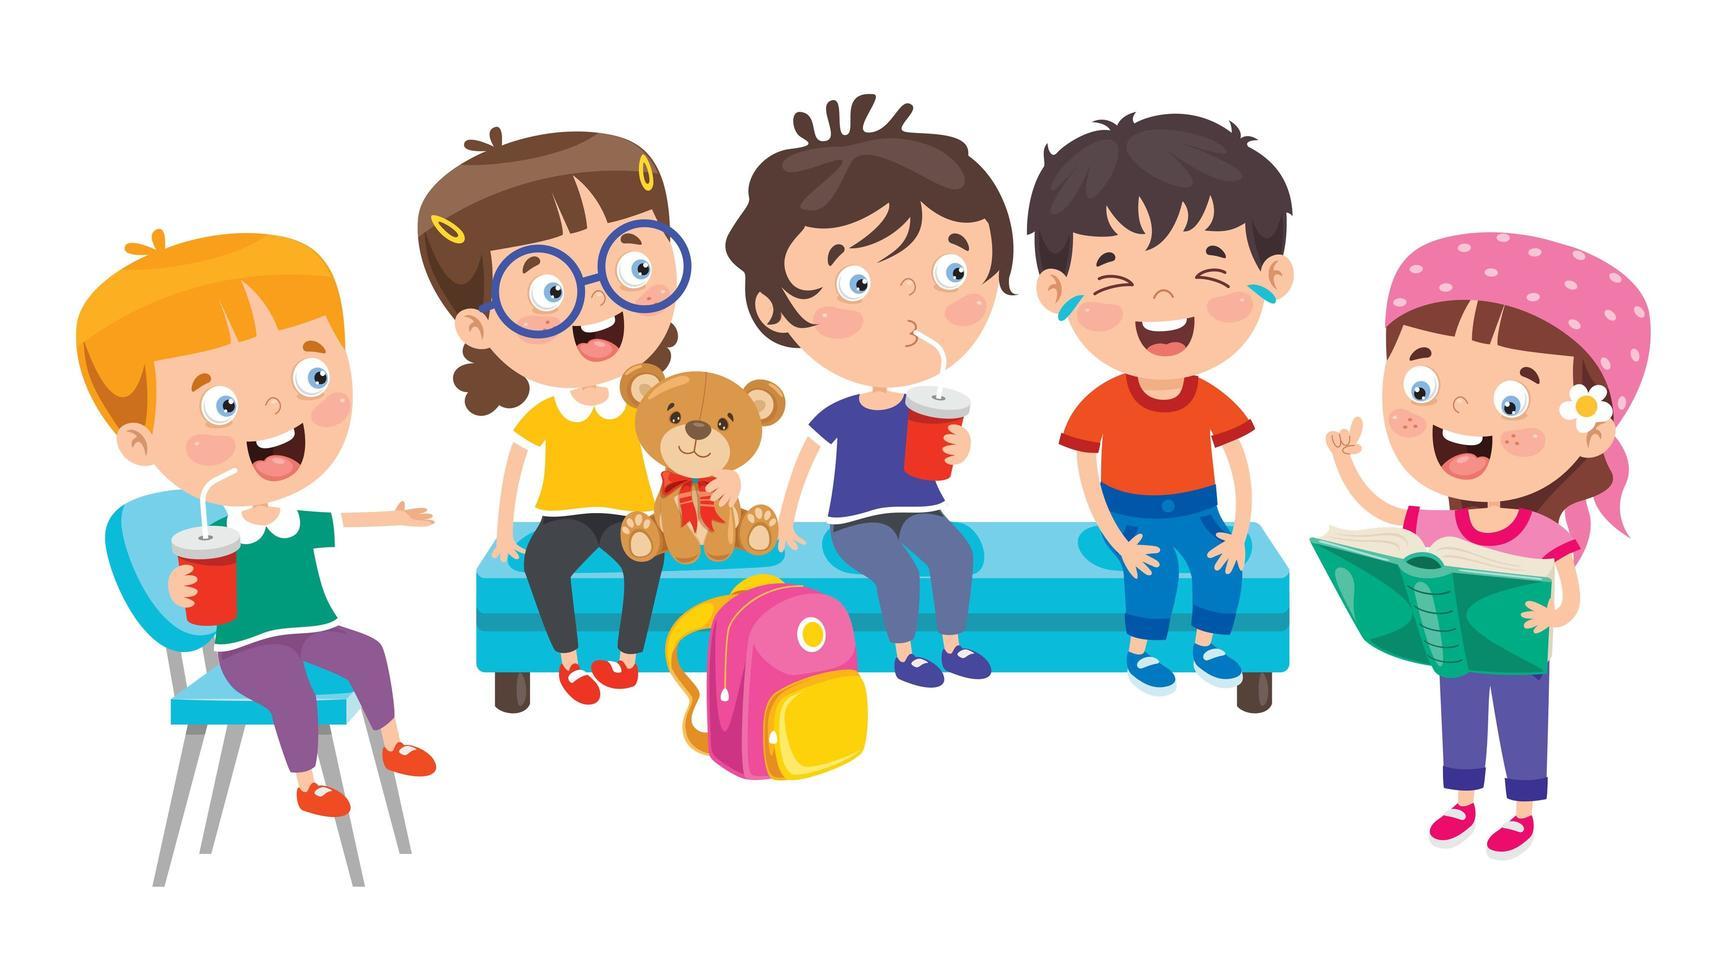 bambini felici della scuola seduti e ridendo vettore